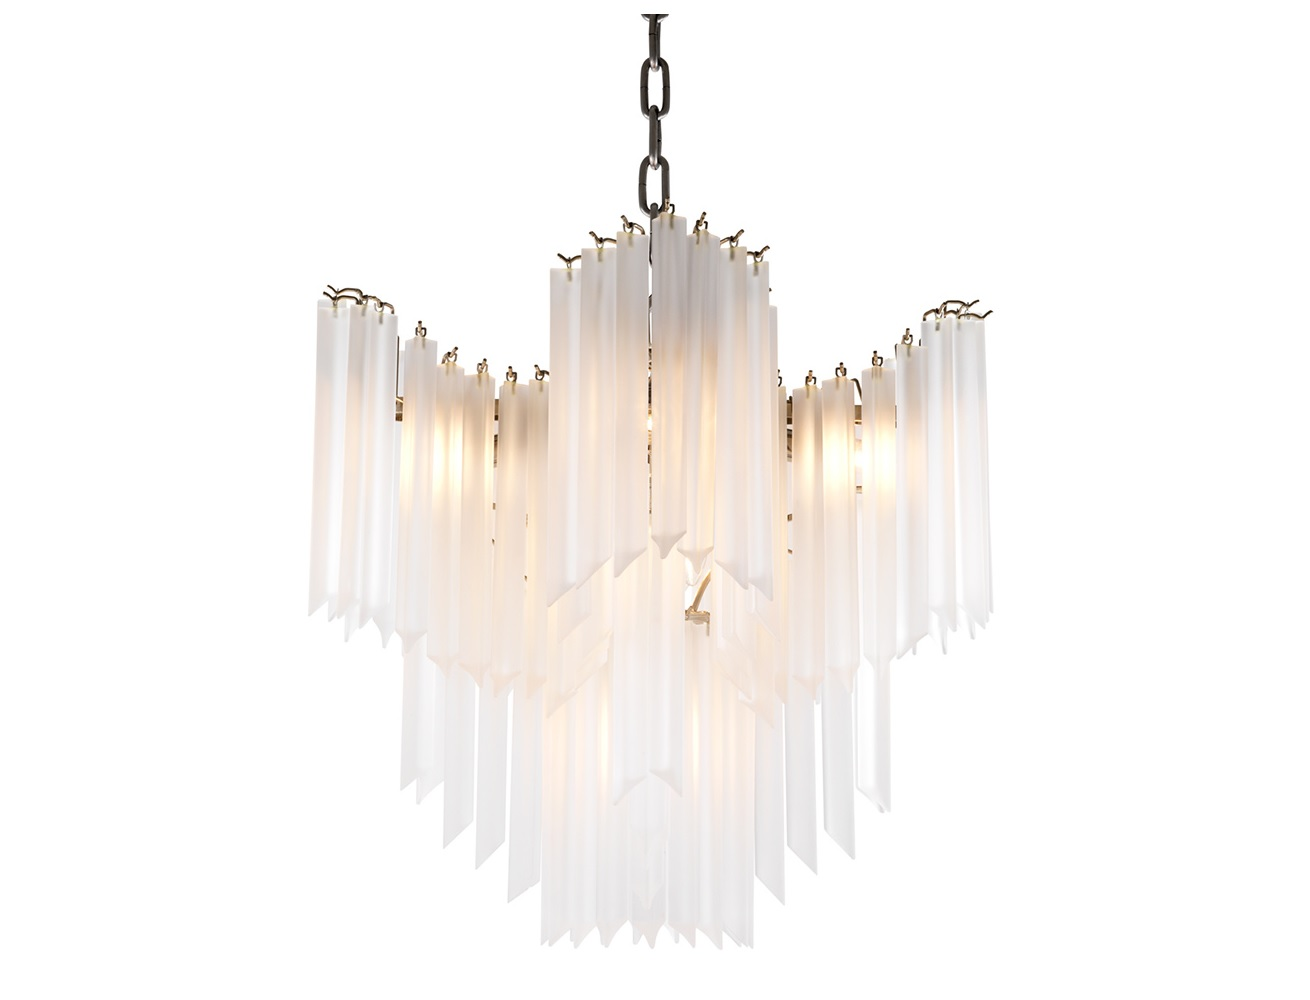 Люстра PulsarЛюстры подвесные<br>Подвесной светильник из коллекции Chandelier Pulsar на никелированной арматуре. Плафон выполнен из многоуровневых пластин из стекла матового белого цвета. Высота светильника регулируется за счет звеньев цепи.&amp;lt;div&amp;gt;&amp;lt;br&amp;gt;&amp;lt;/div&amp;gt;&amp;lt;div&amp;gt;&amp;lt;div&amp;gt;&amp;lt;div&amp;gt;Вид цоколя: E14&amp;lt;/div&amp;gt;&amp;lt;div&amp;gt;Мощность лампы: 40W&amp;lt;/div&amp;gt;&amp;lt;div&amp;gt;Количество ламп: 9&amp;lt;/div&amp;gt;&amp;lt;/div&amp;gt;&amp;lt;div&amp;gt;&amp;lt;br&amp;gt;&amp;lt;/div&amp;gt;&amp;lt;div&amp;gt;Лампочки в комплект не входят.&amp;lt;/div&amp;gt;&amp;lt;/div&amp;gt;<br><br>Material: Стекло<br>Ширина см: 60<br>Высота см: 60<br>Глубина см: 60